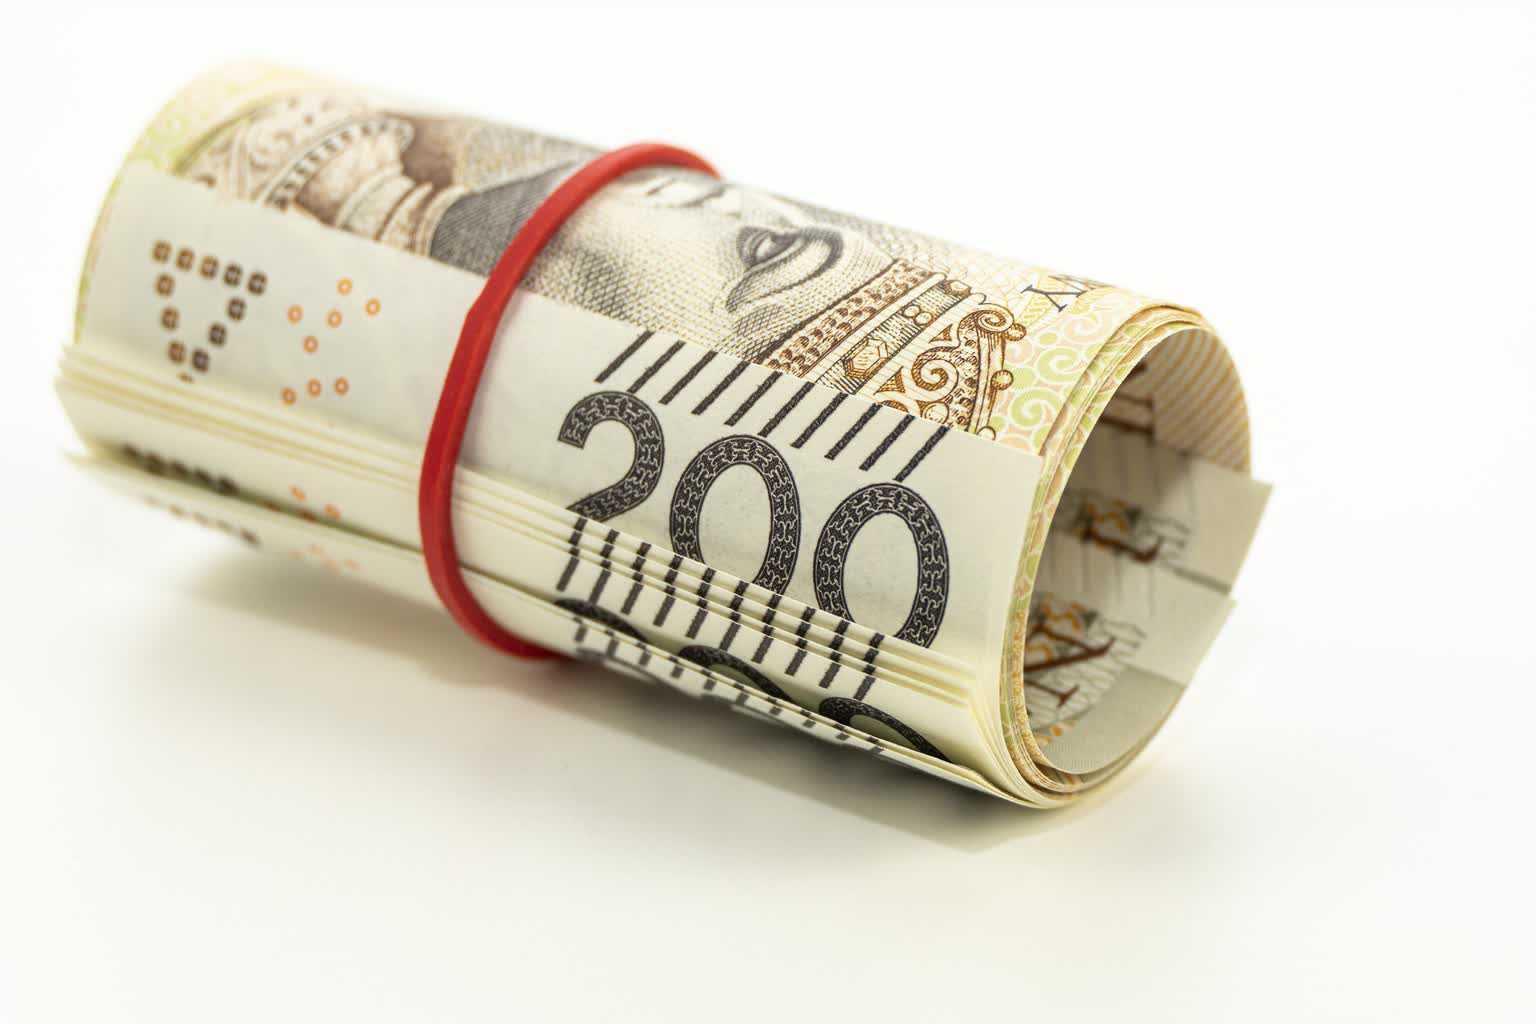 Najbogatsza emerytka w Polsce inkasuje co miesiąc 25 tys. zł. Najbiedniejsza dostaje 3 grosze